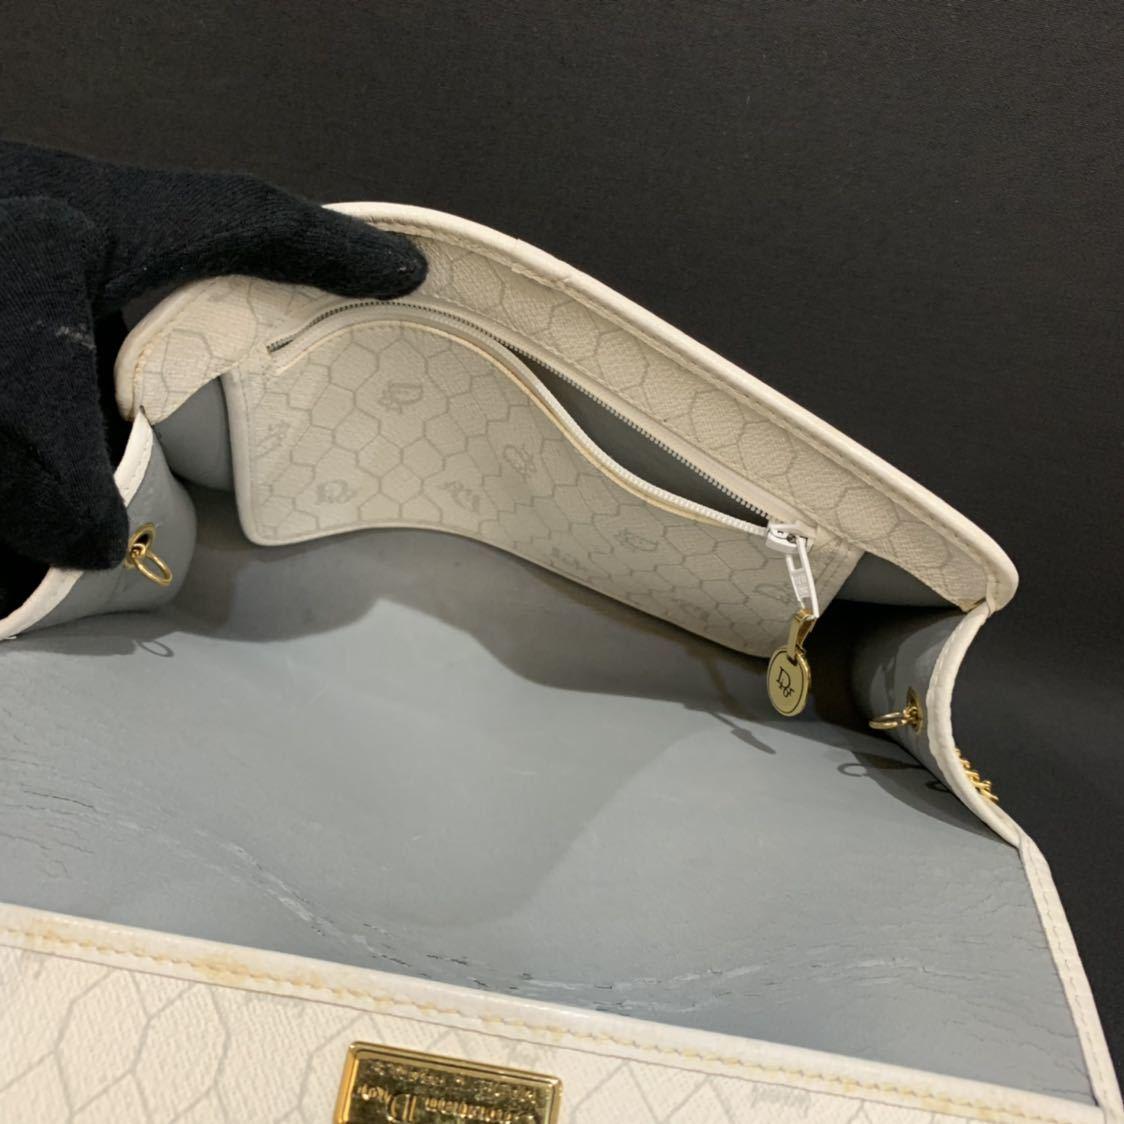 クリスチャンディオール Christian Dior チェーン 2WAY ショルダー クラッチバッグ トロッター キャンバス レザー ビンテージ オールド_画像7